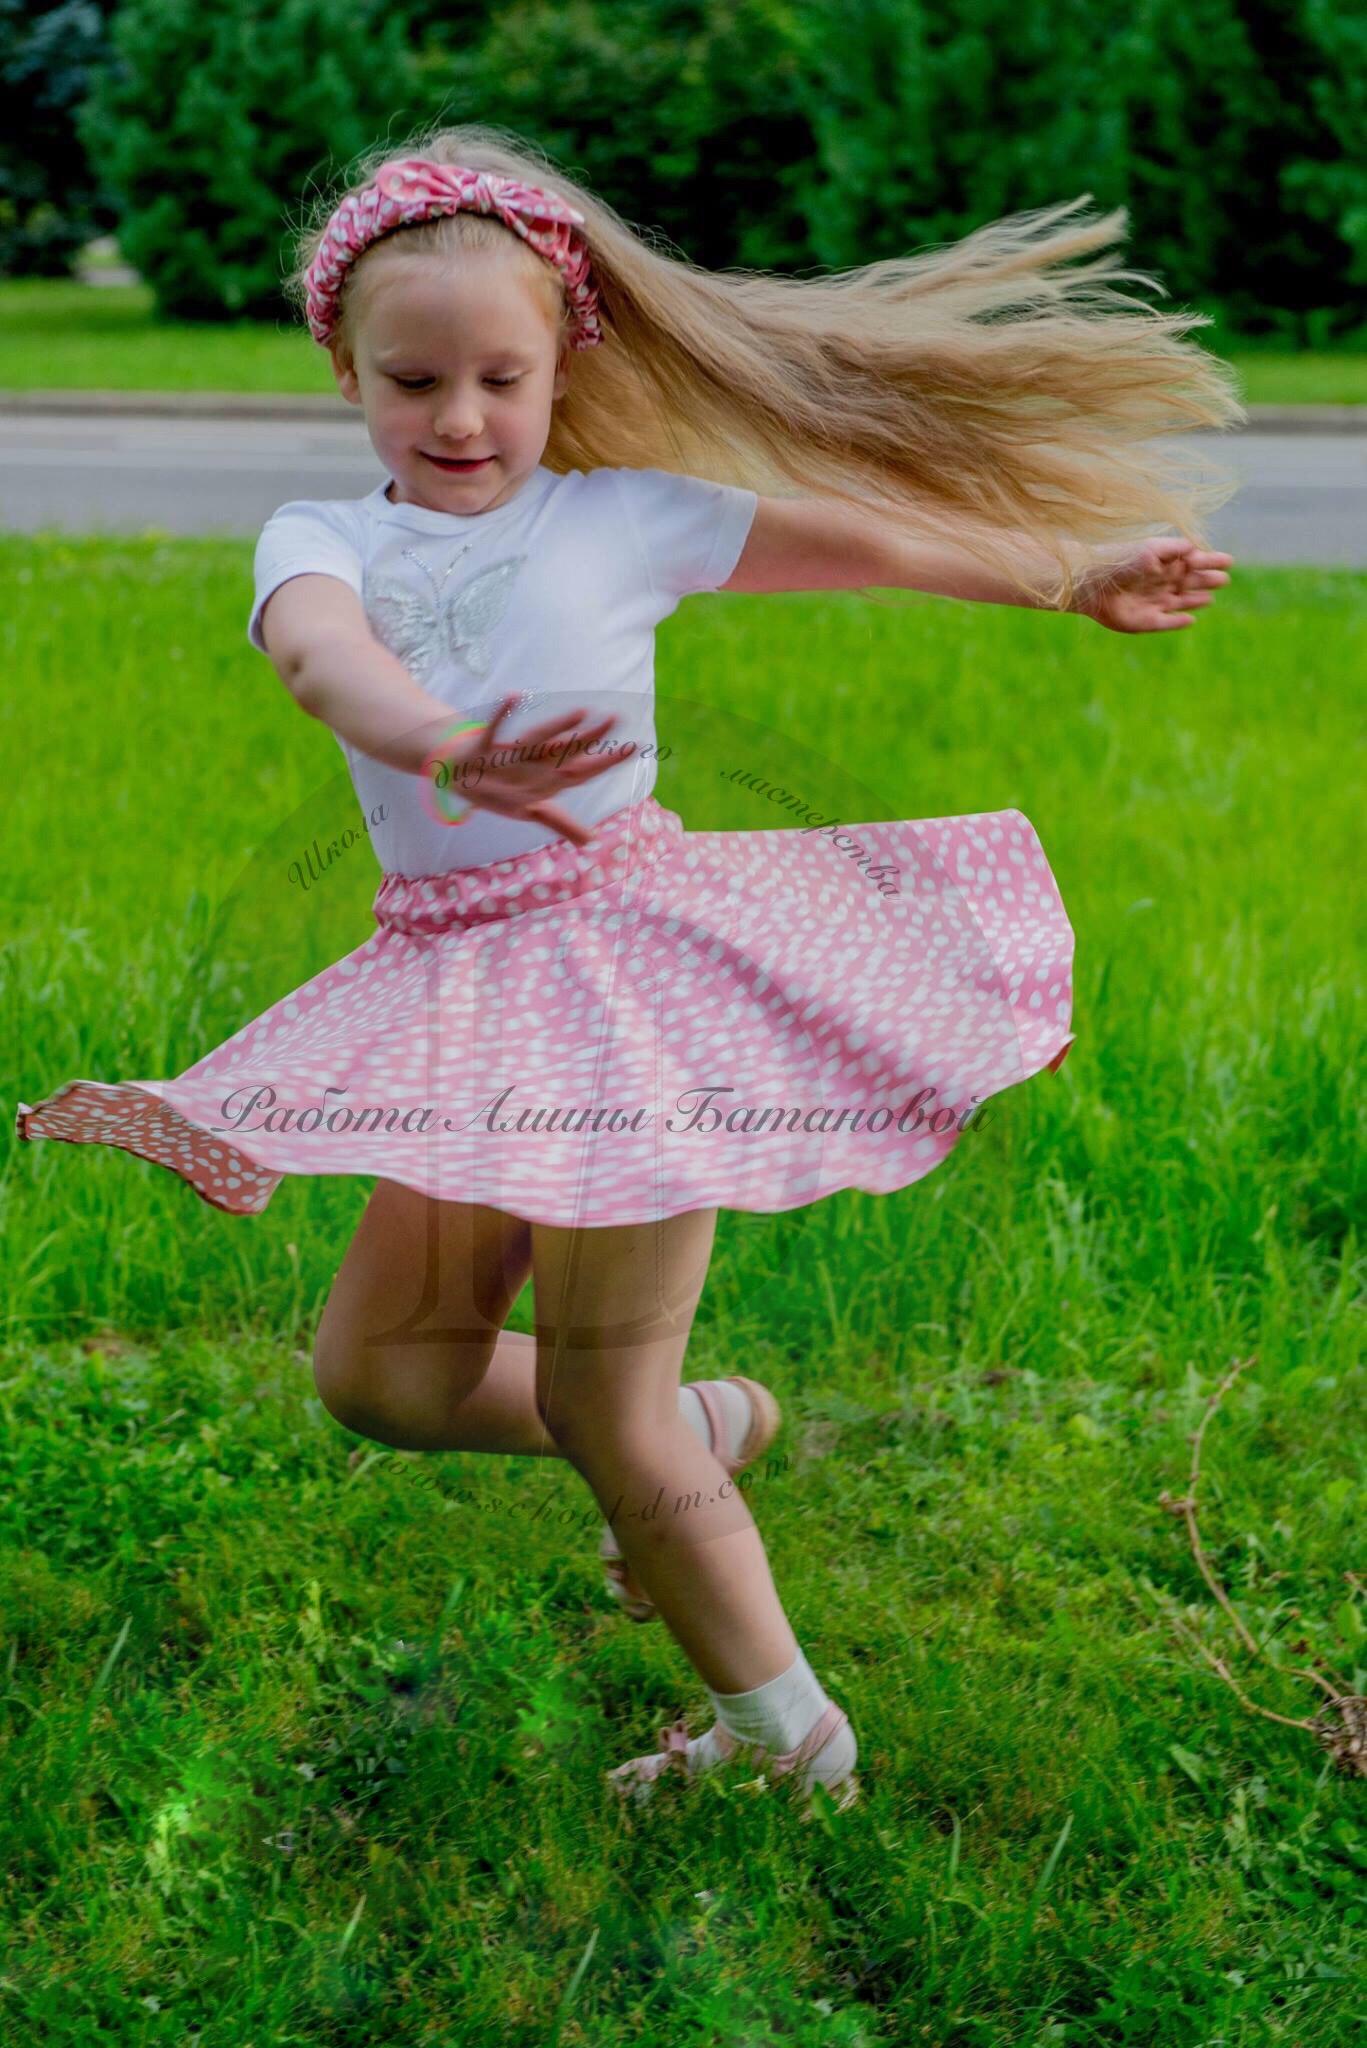 Школа дизайнерского мастерства, курсы шитья, шить самой, курсы кройки и шитья, шить детскую юбку